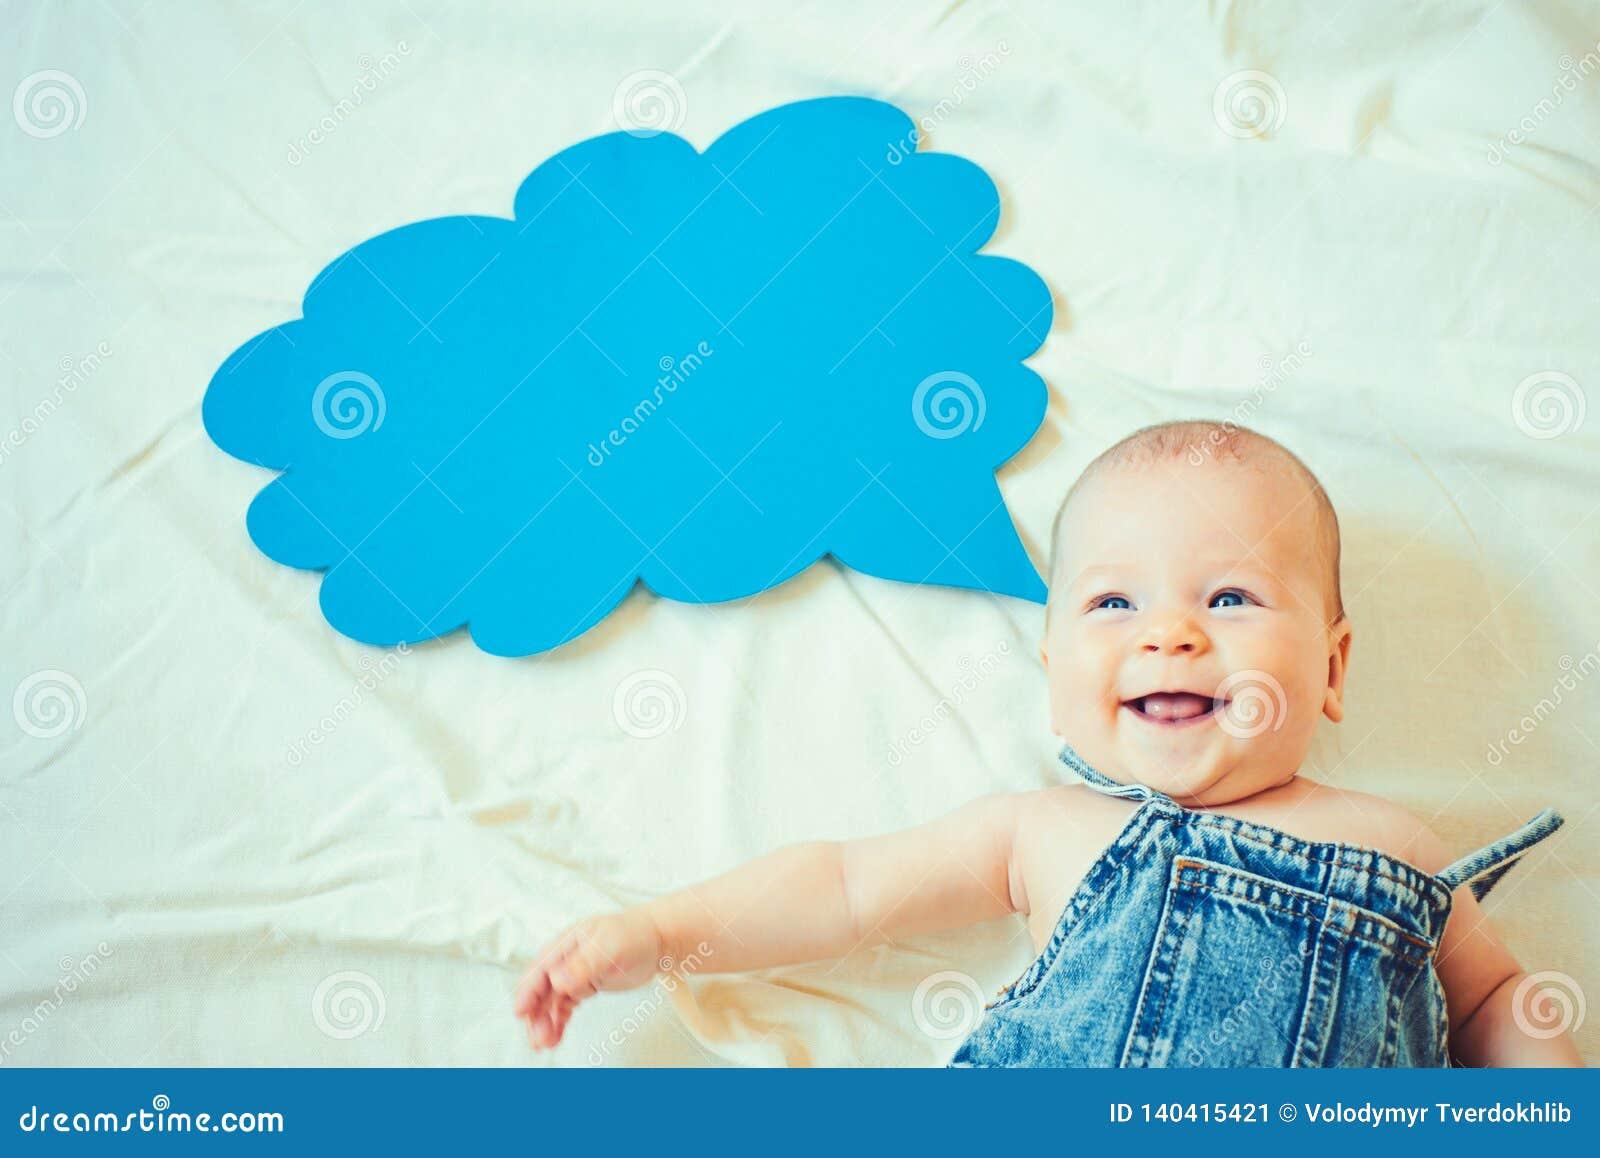 Ik ben zo gelukkig Portret van gelukkig weinig kind Snoepje weinig baby Het nieuwe leven en geboorte Familie Kinderverzorging De